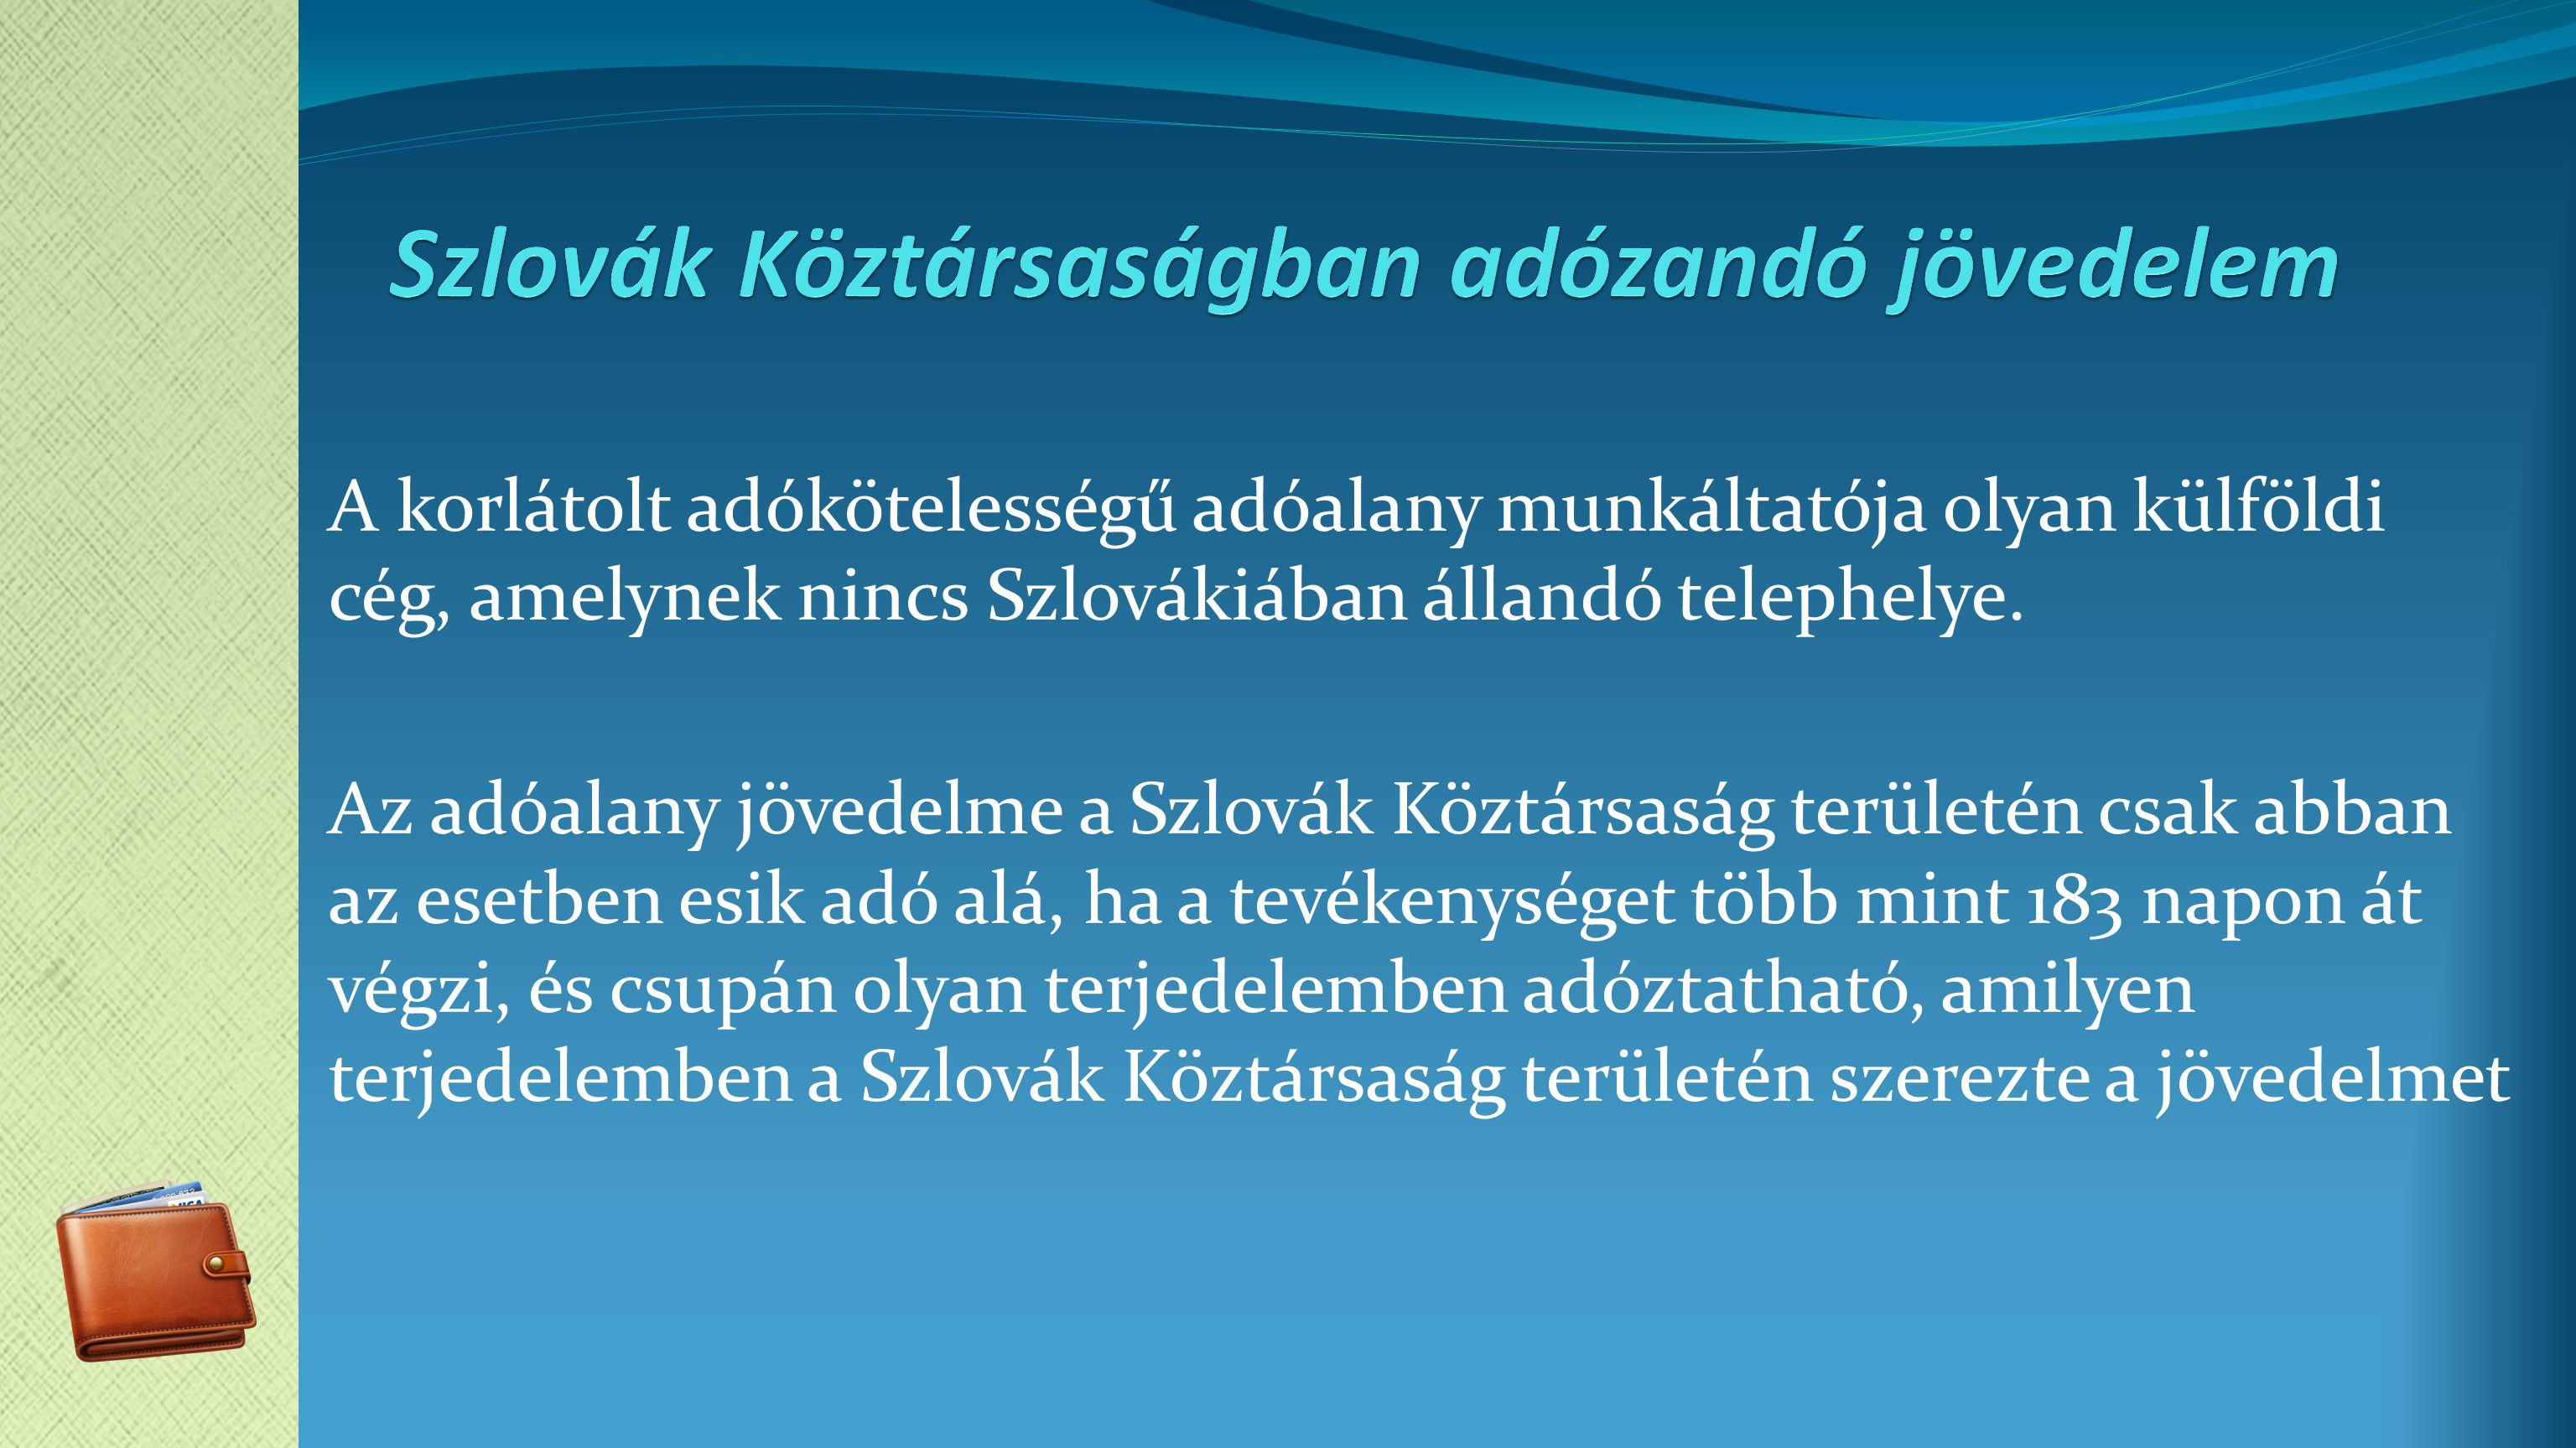 A korlátolt adókötelességű adóalany munkáltatója olyan külföldi cég, amelynek nincs Szlovákiában állandó telephelye.